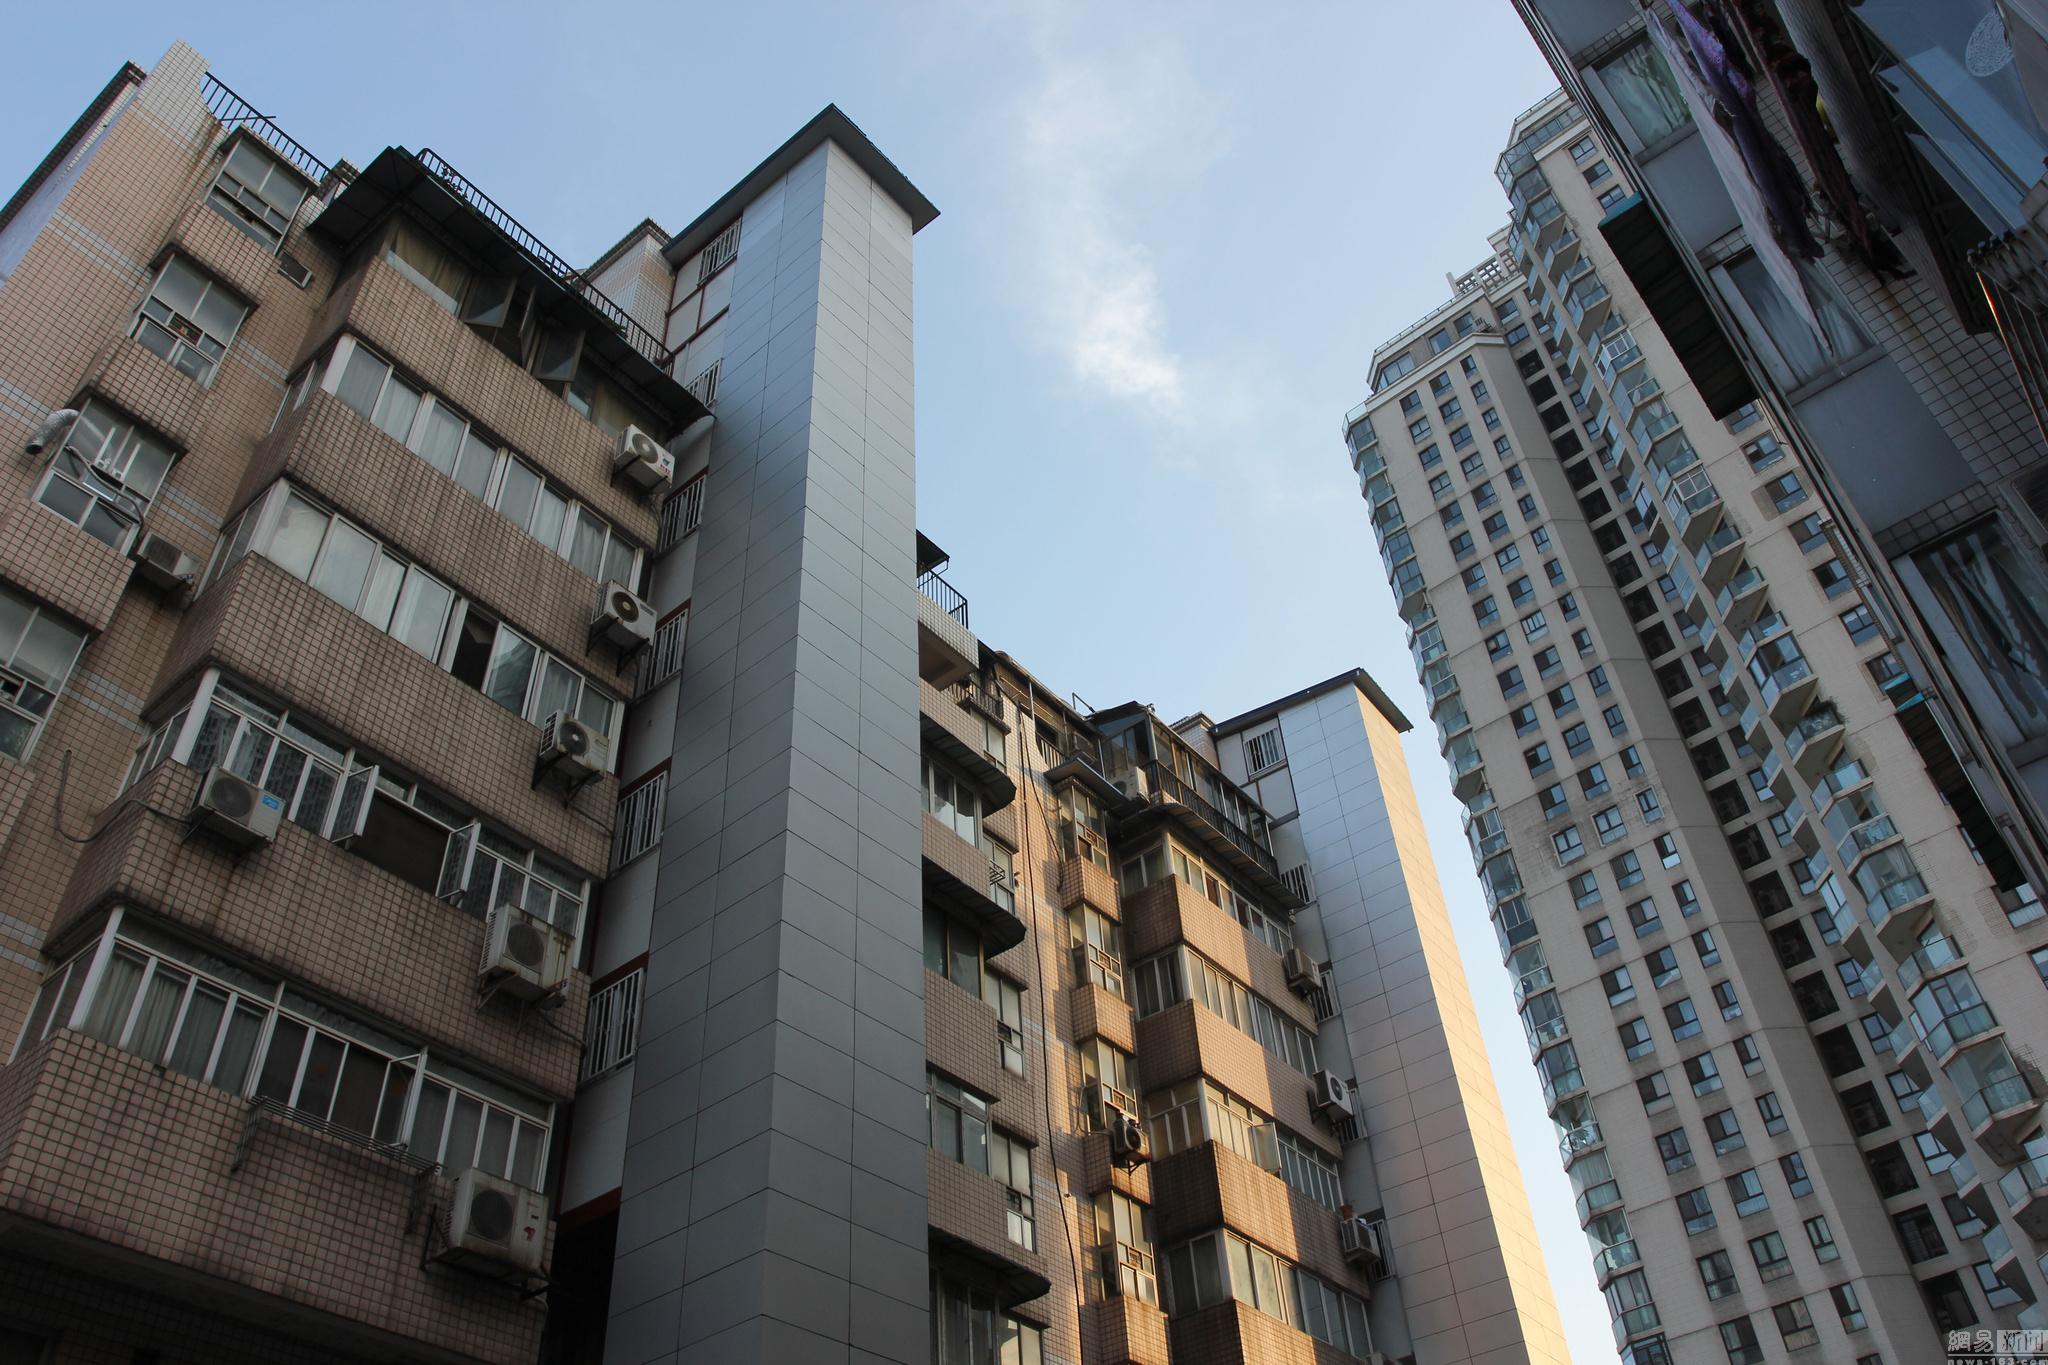 武汉老小区居民自筹加装电梯 房价秒涨50万